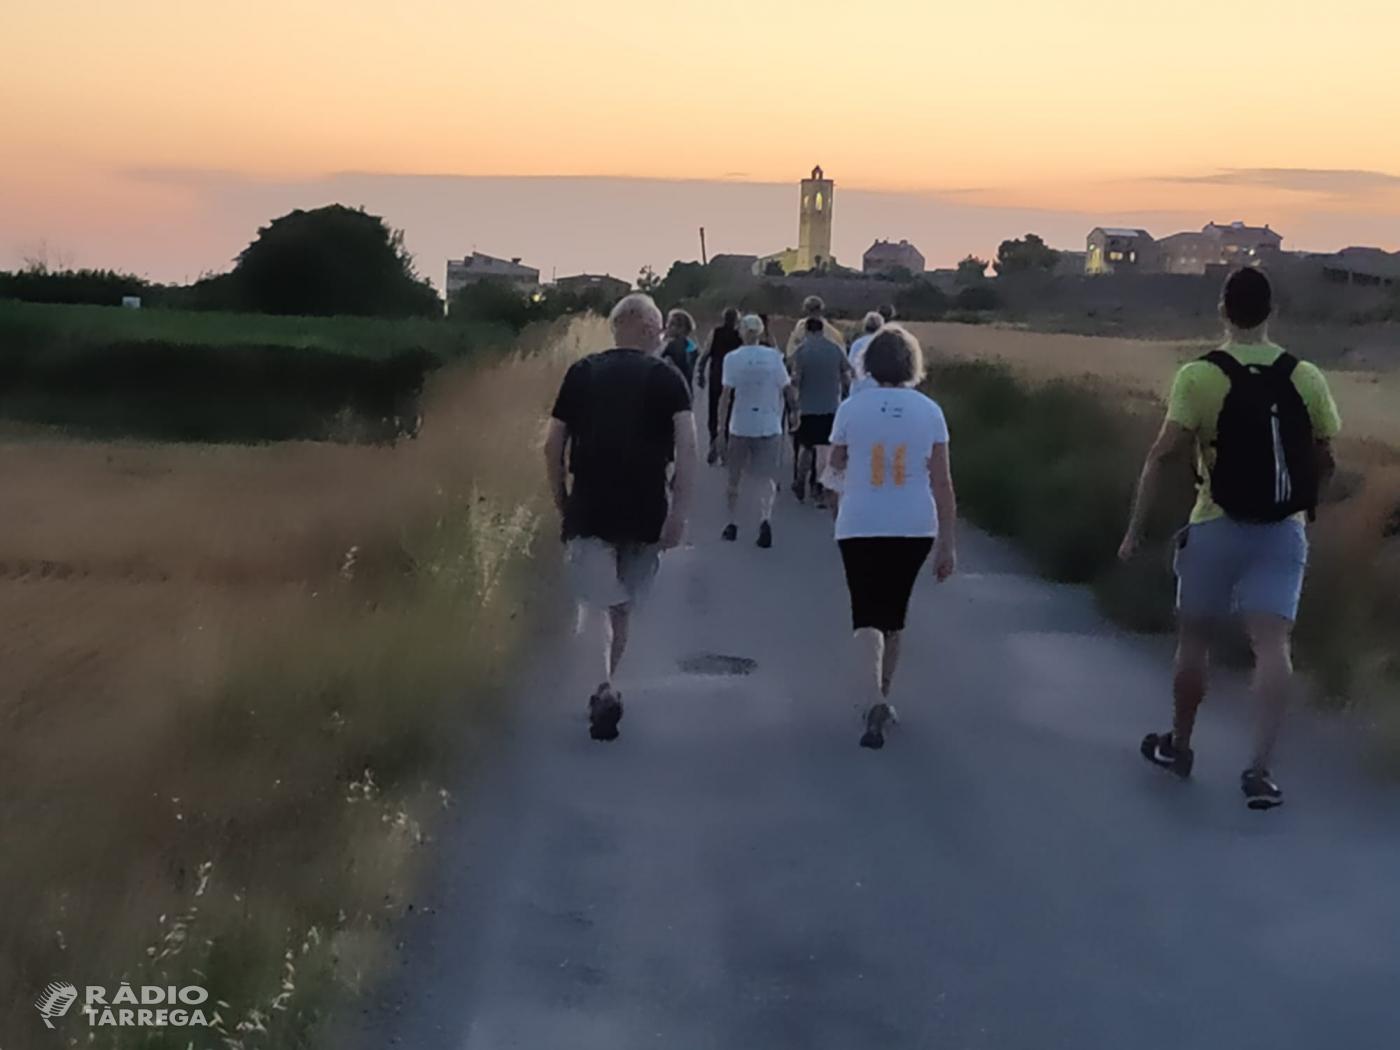 Punt i final a les caminades nocturnes familiars que Bellpuig repetirà l'estiu que ve